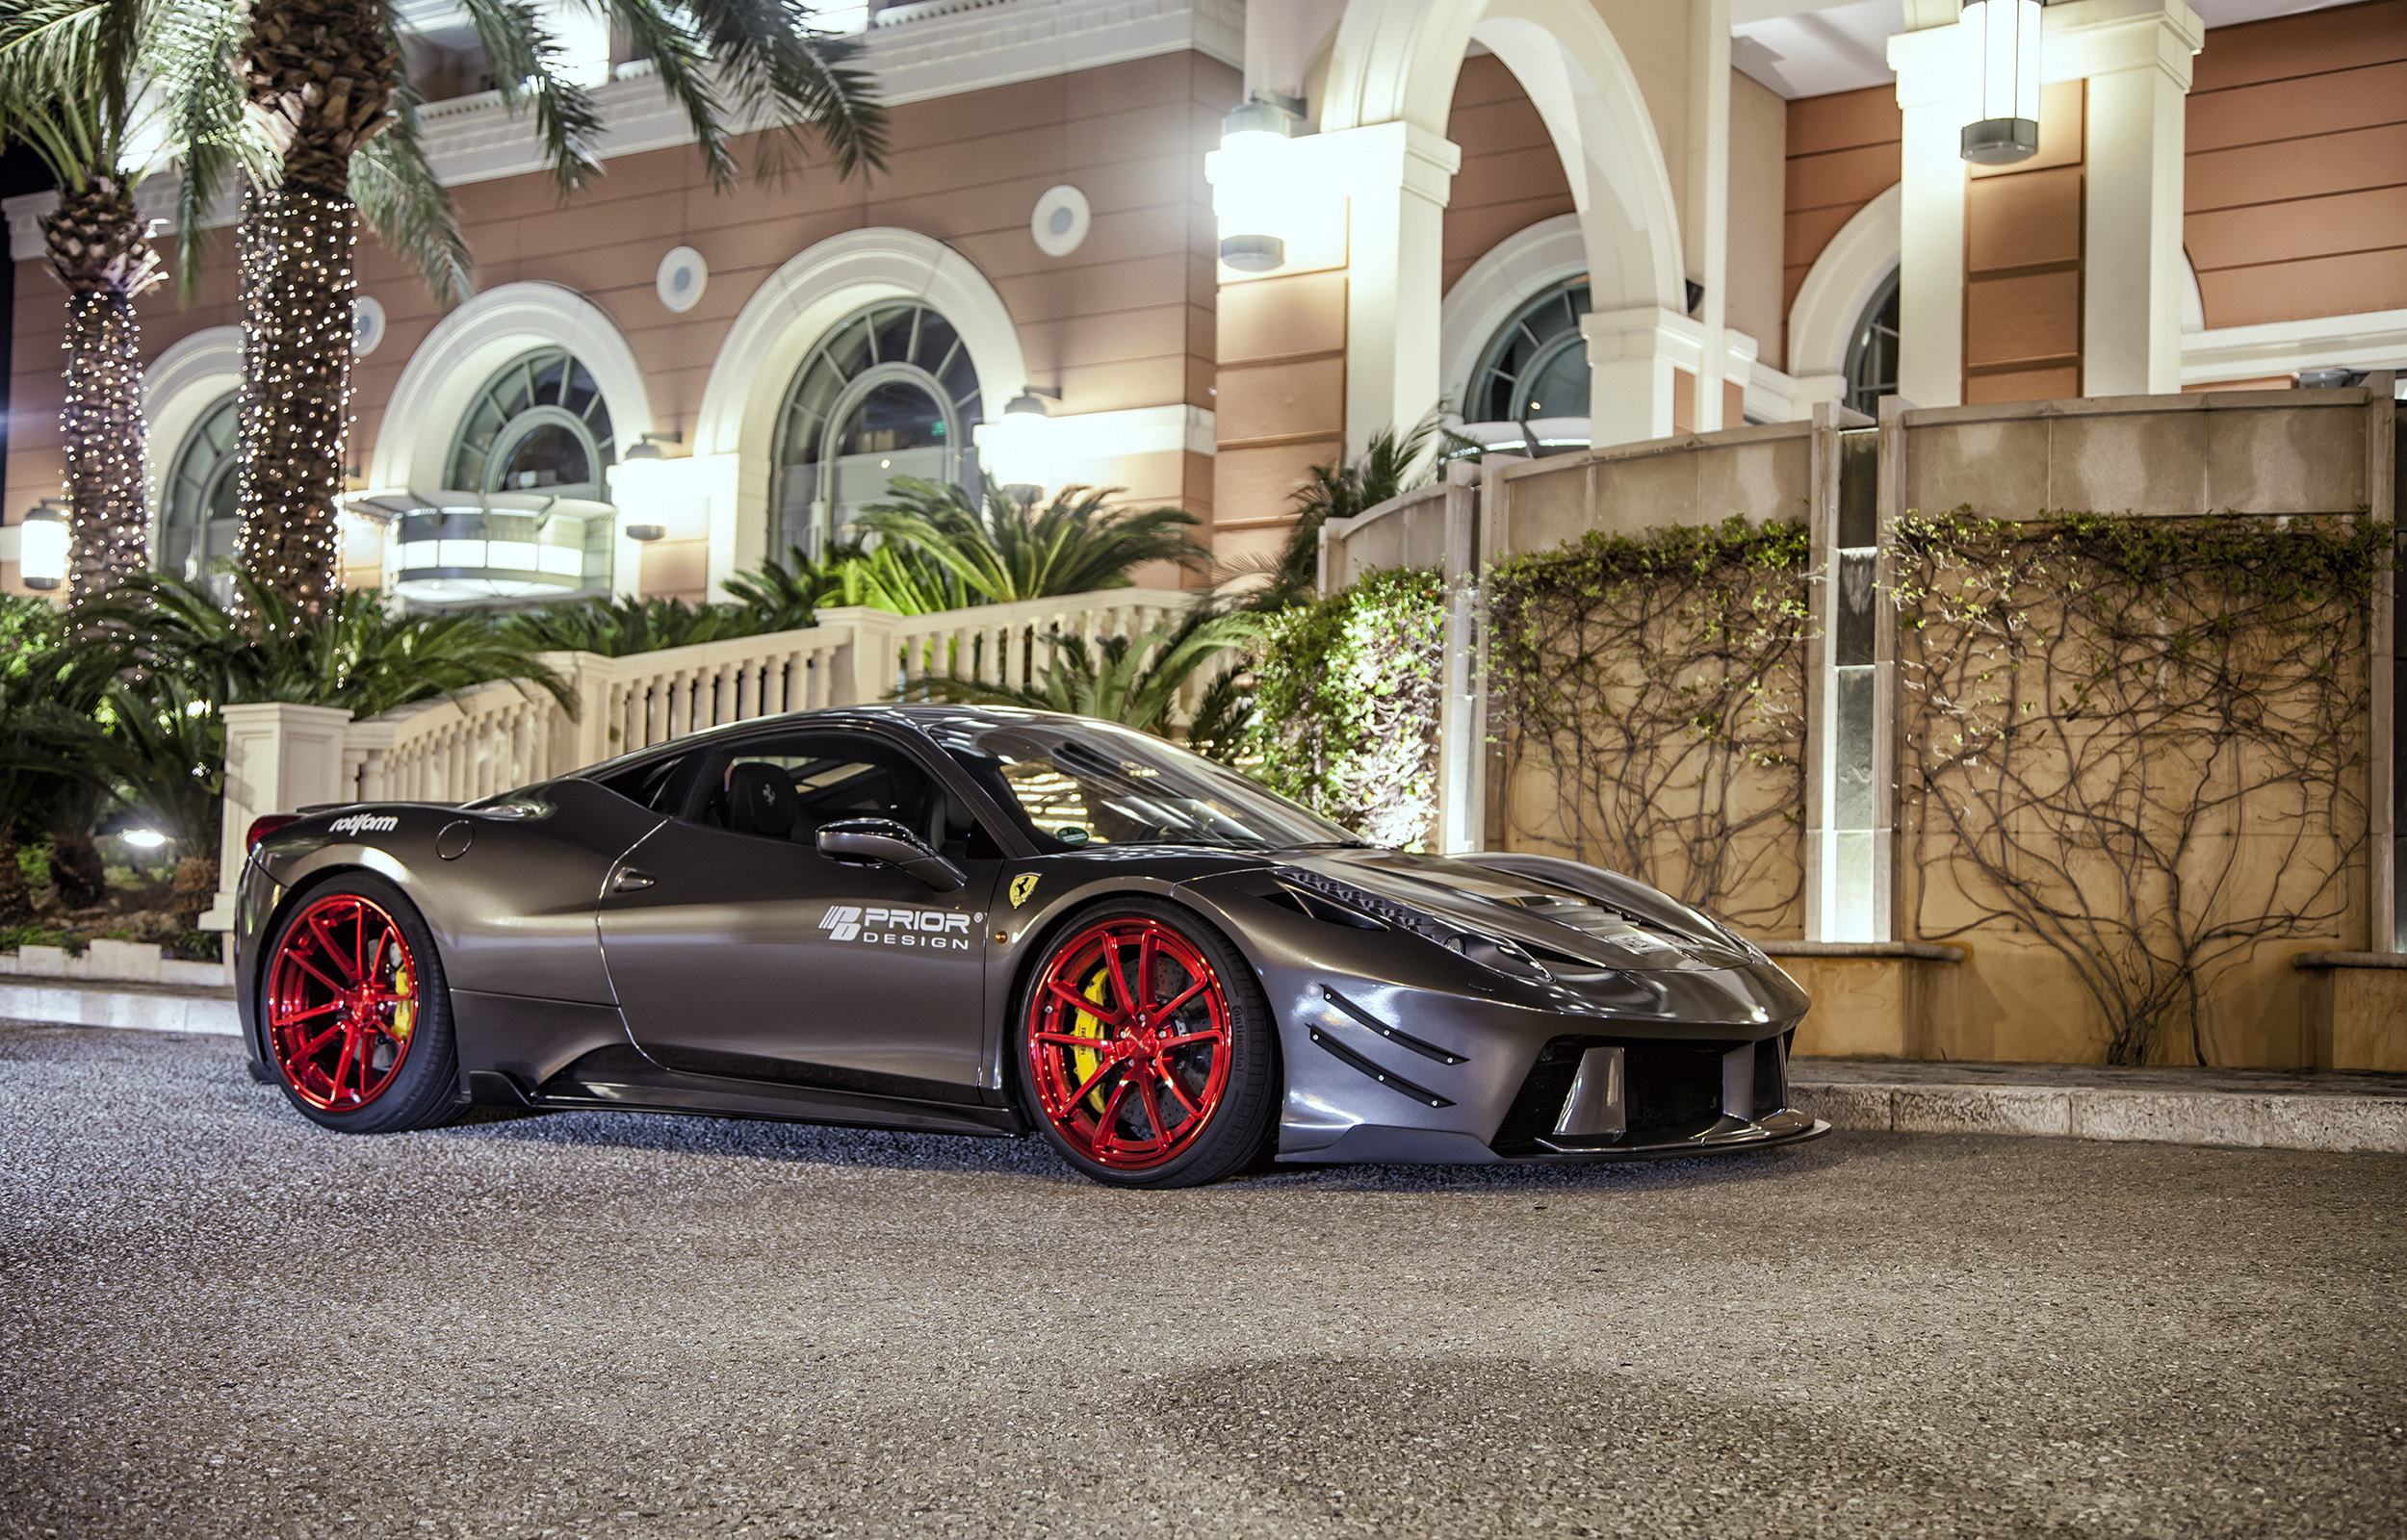 Prior Design Ferrari 458 Italia Quot Wows Quot At Top Marques Monaco